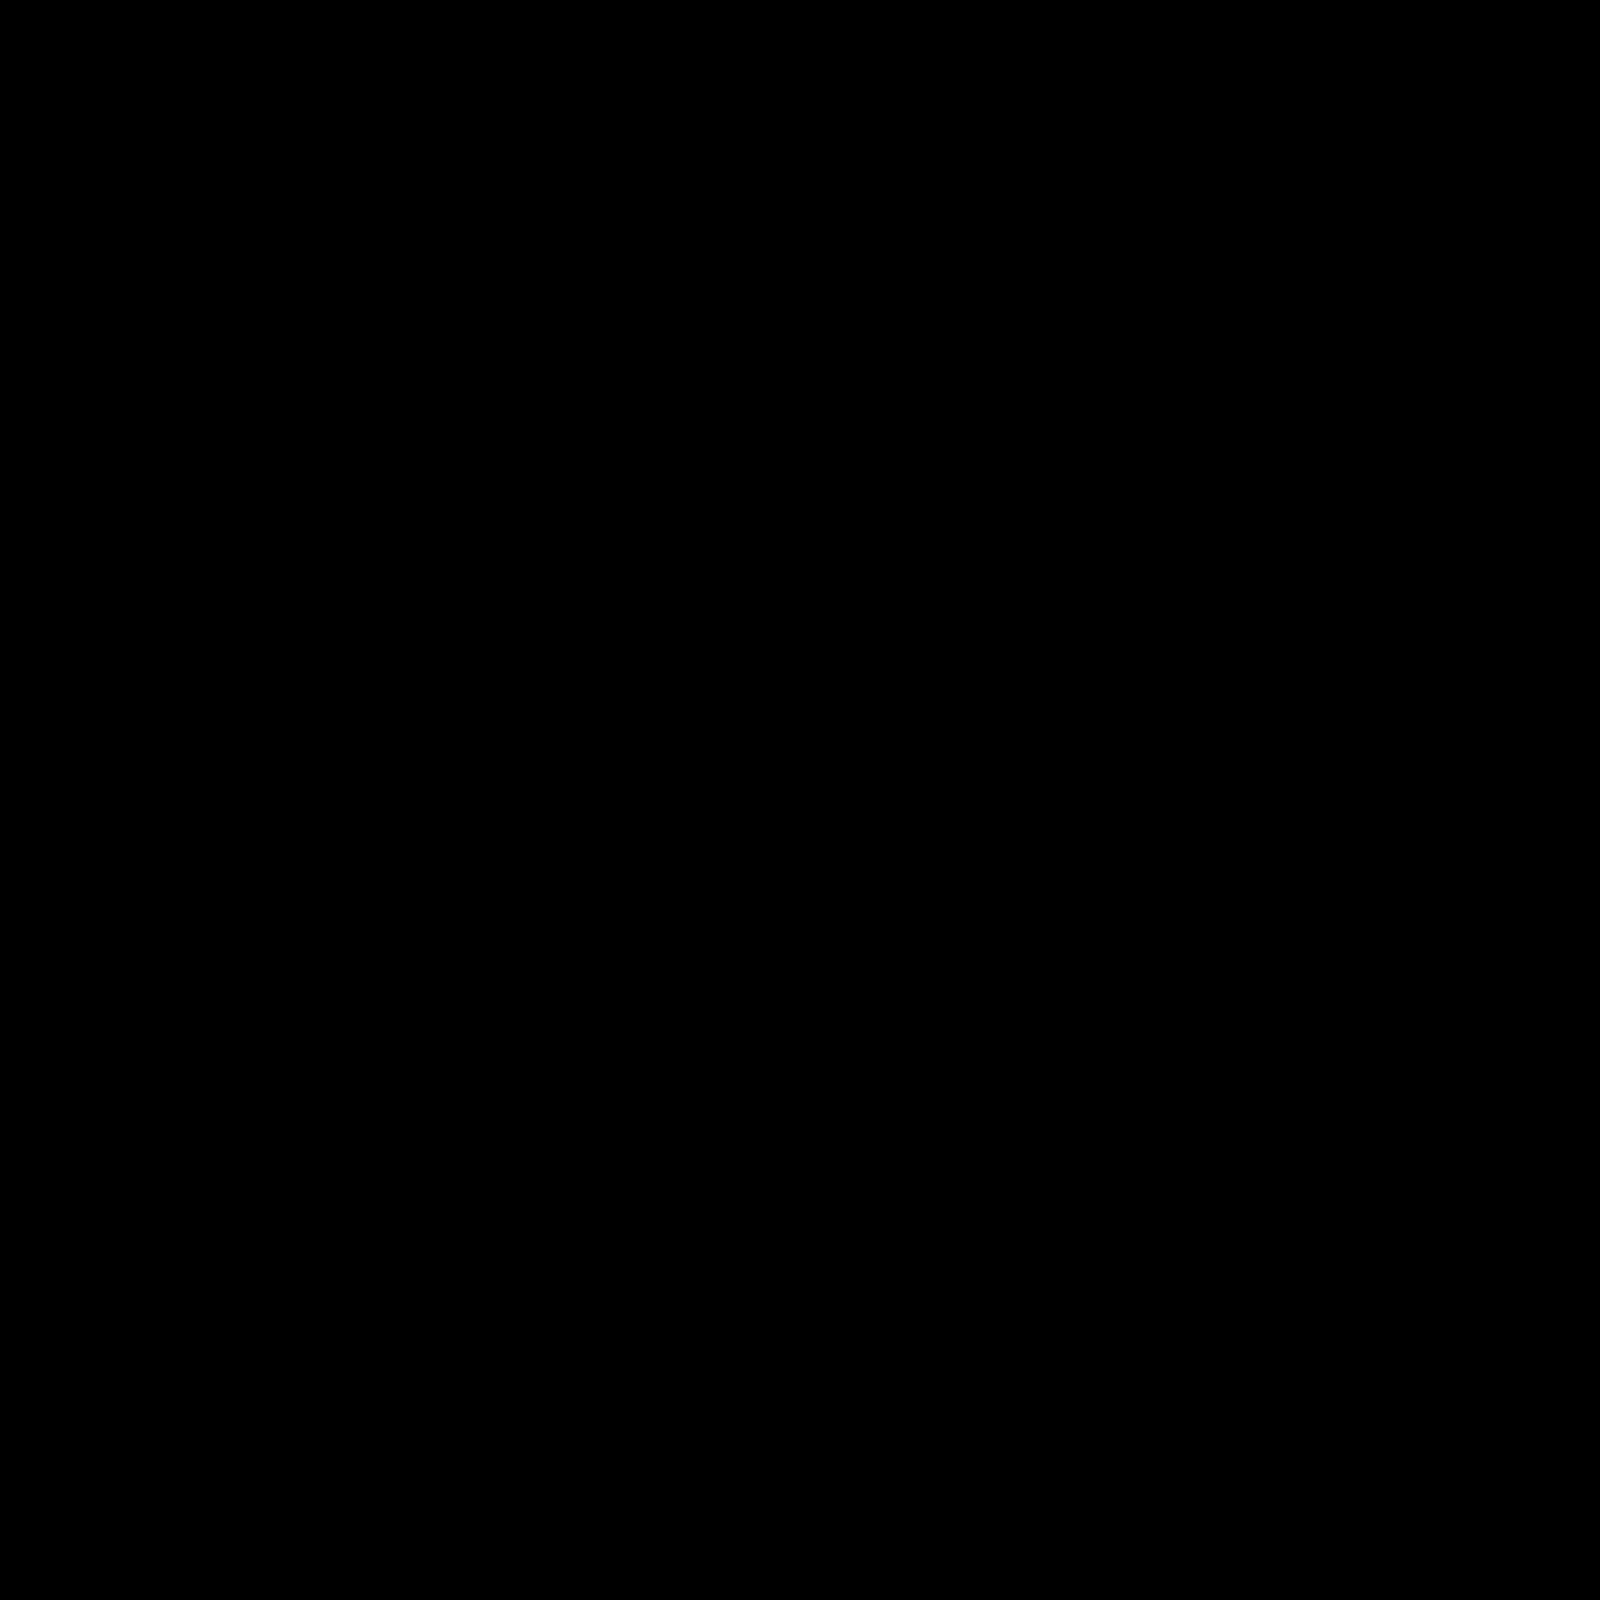 60 stopni icon